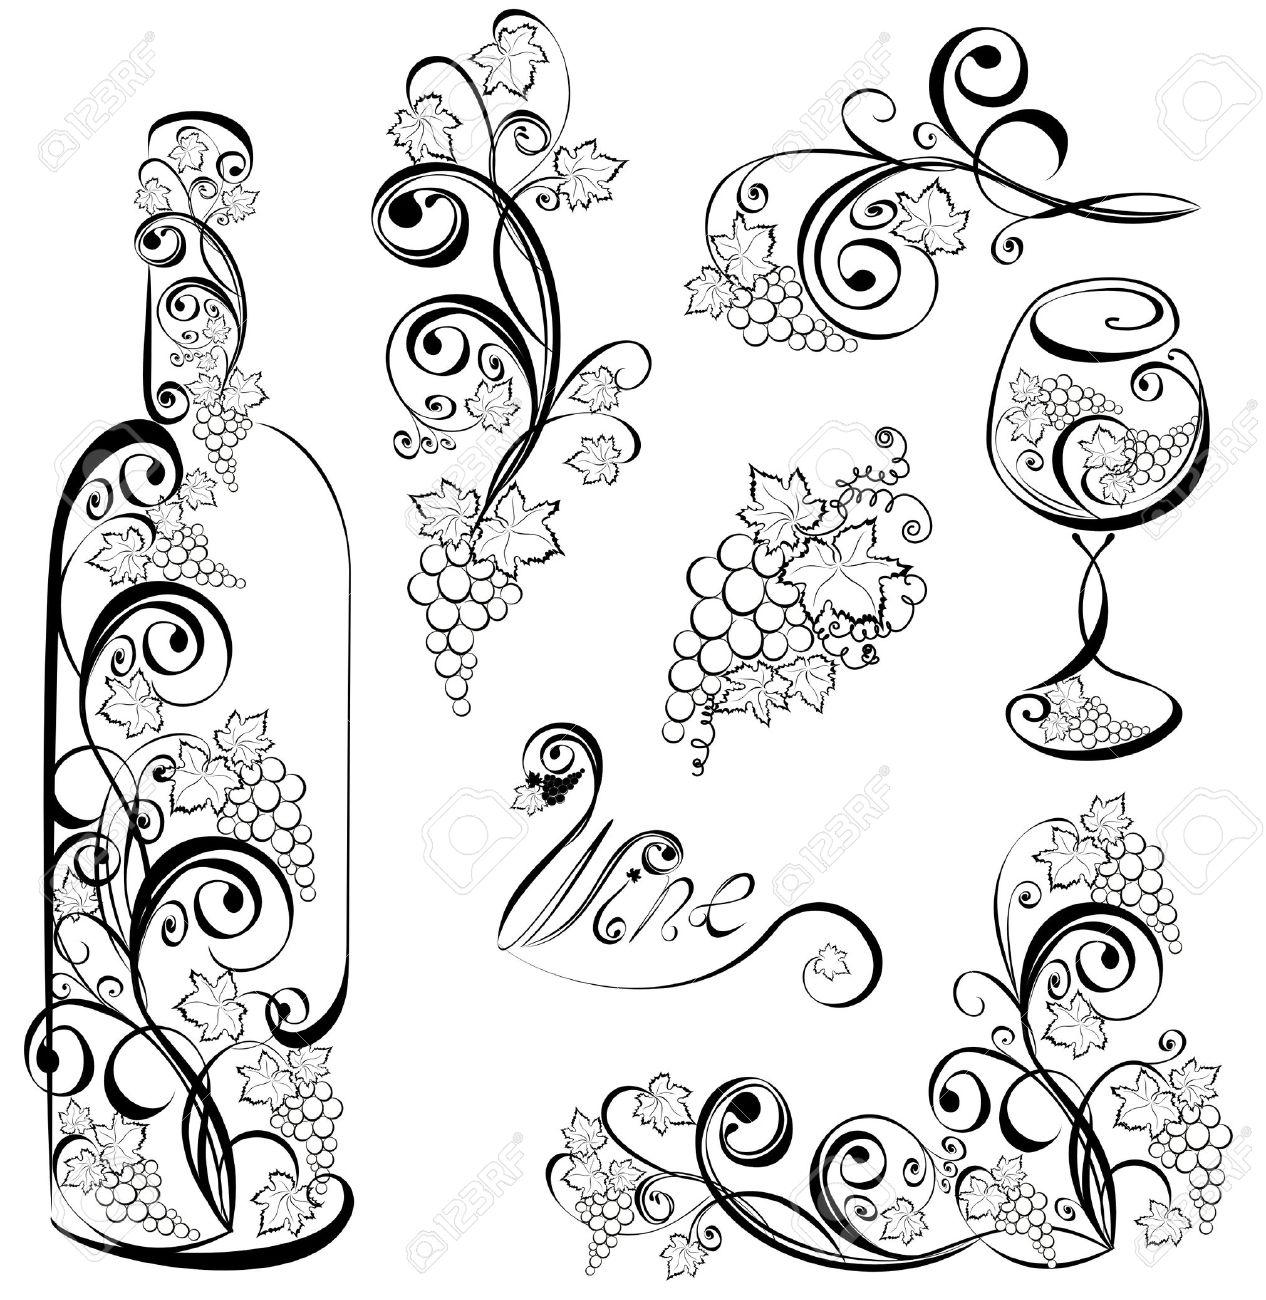 Бутылка роспись трафареты